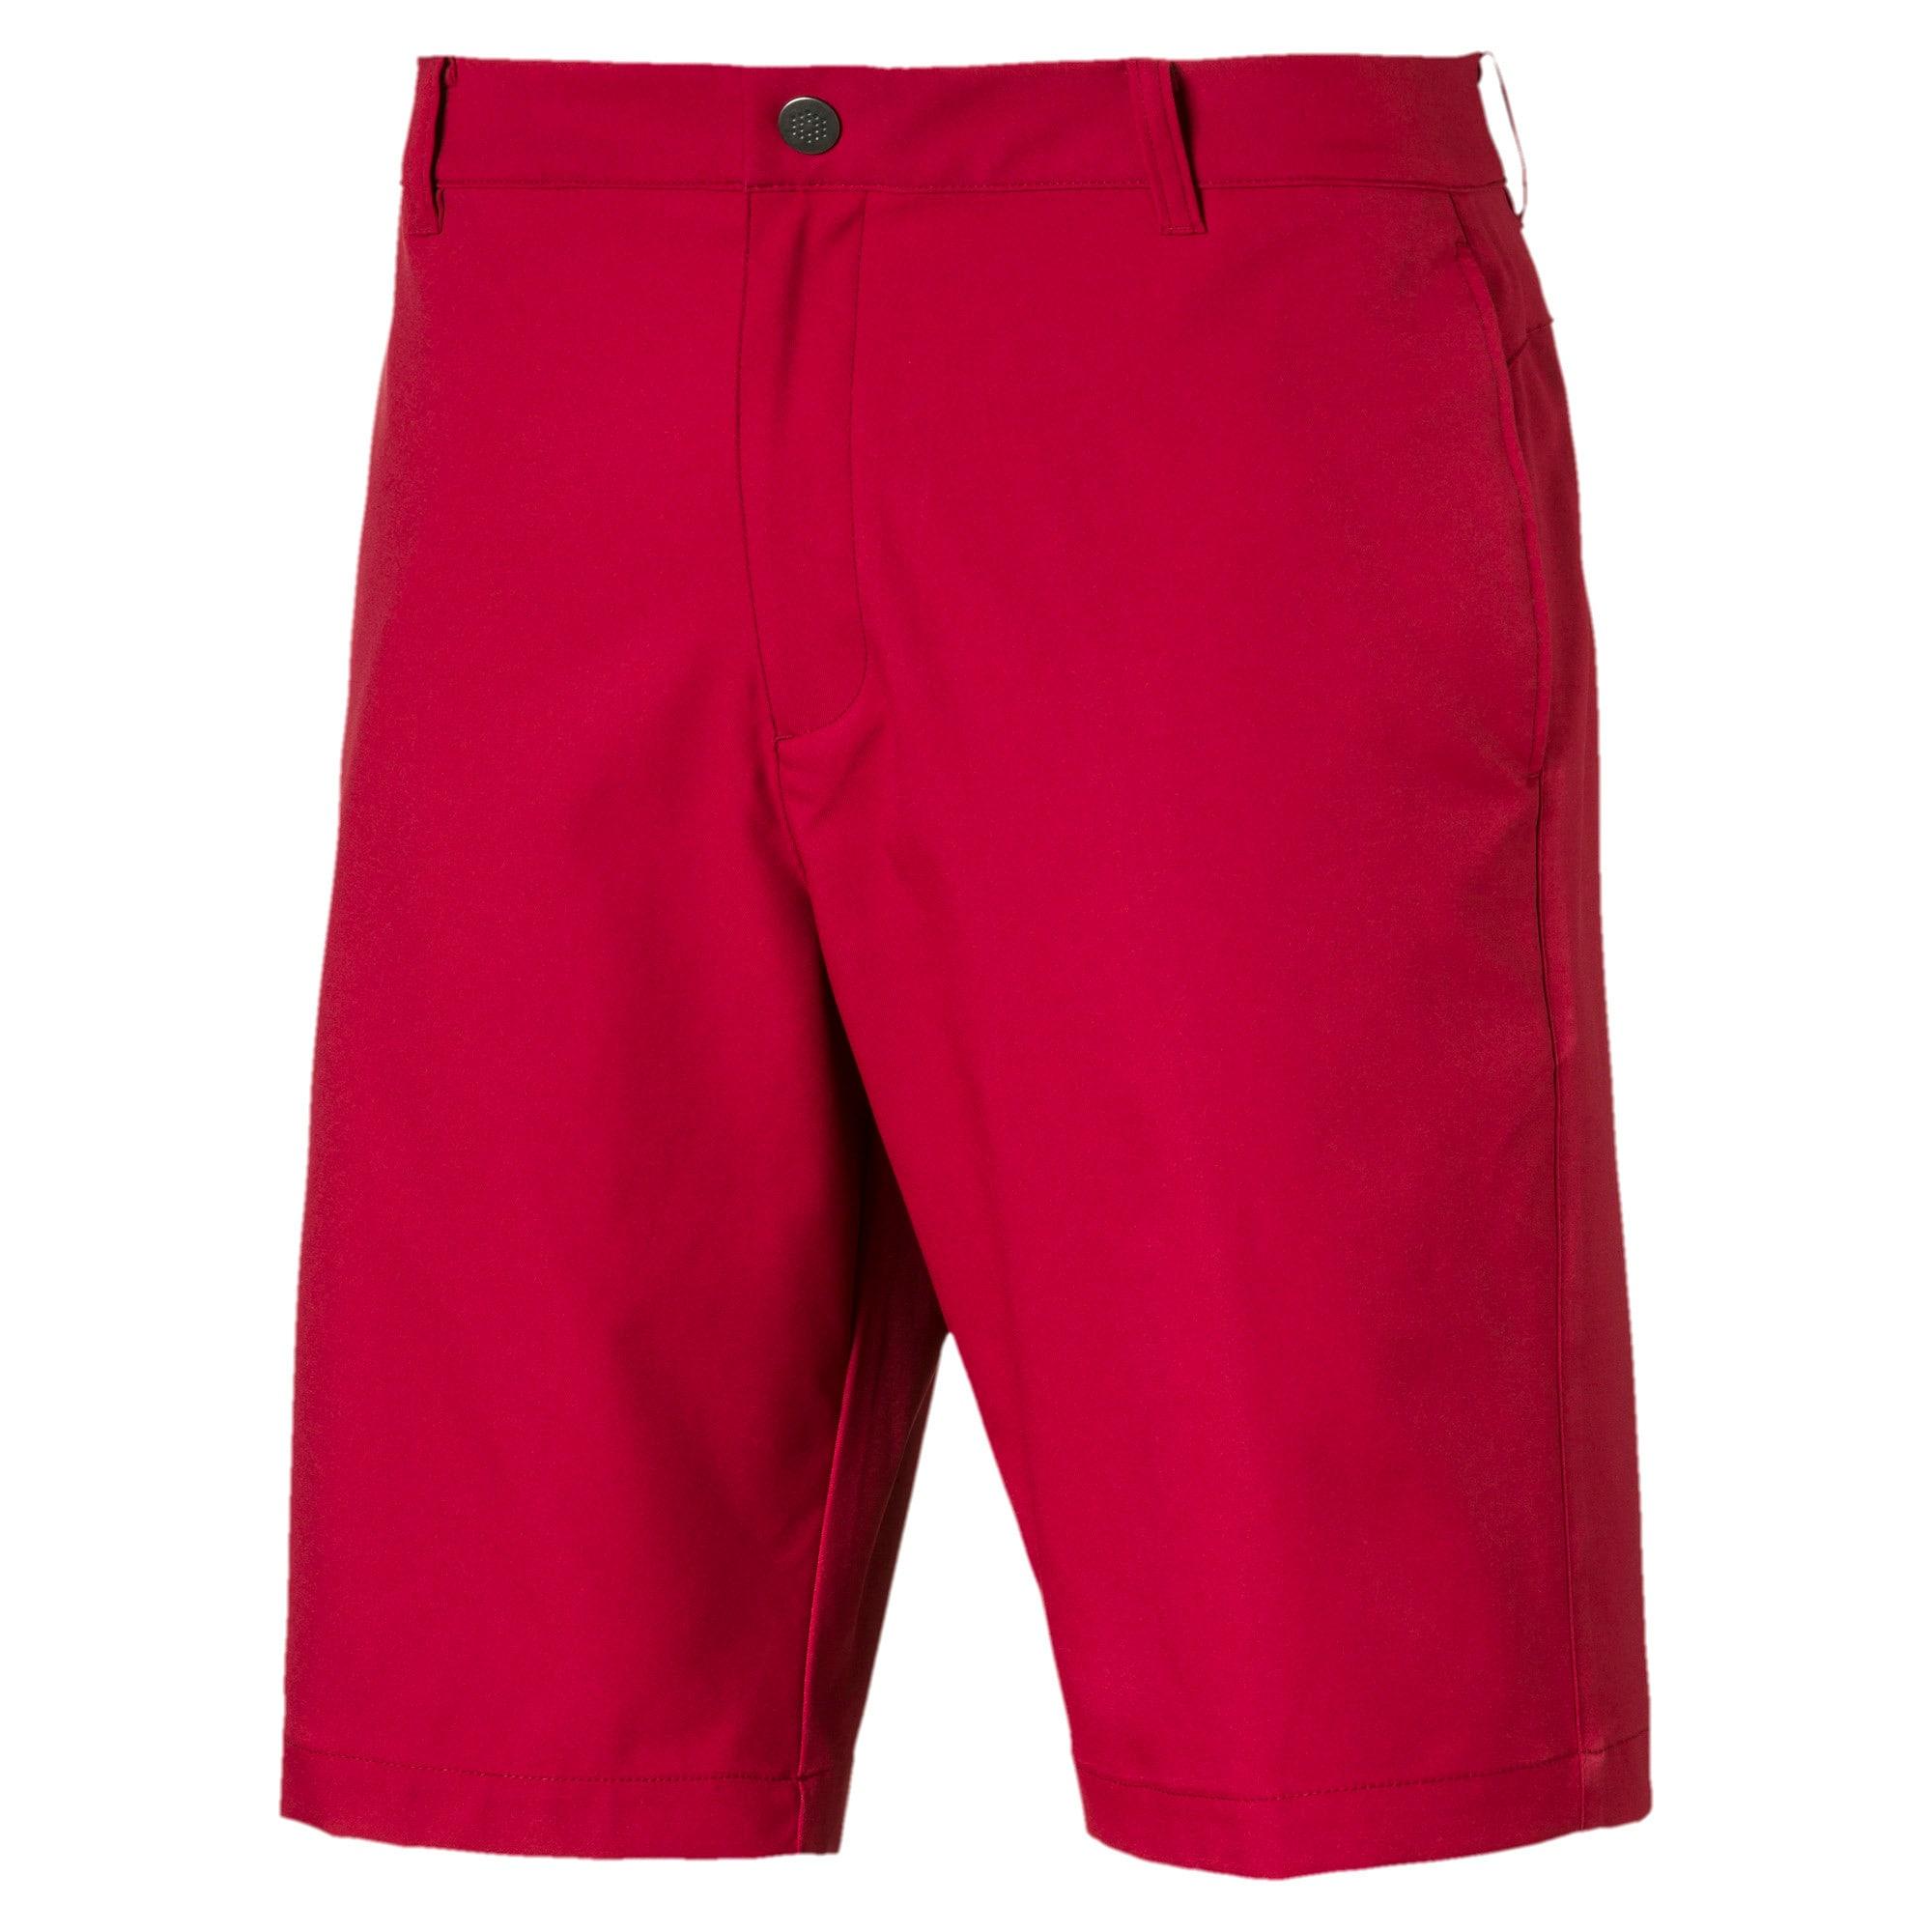 Miniatura 1 de Shorts Jackpot de hombre, Rhubarb, mediano